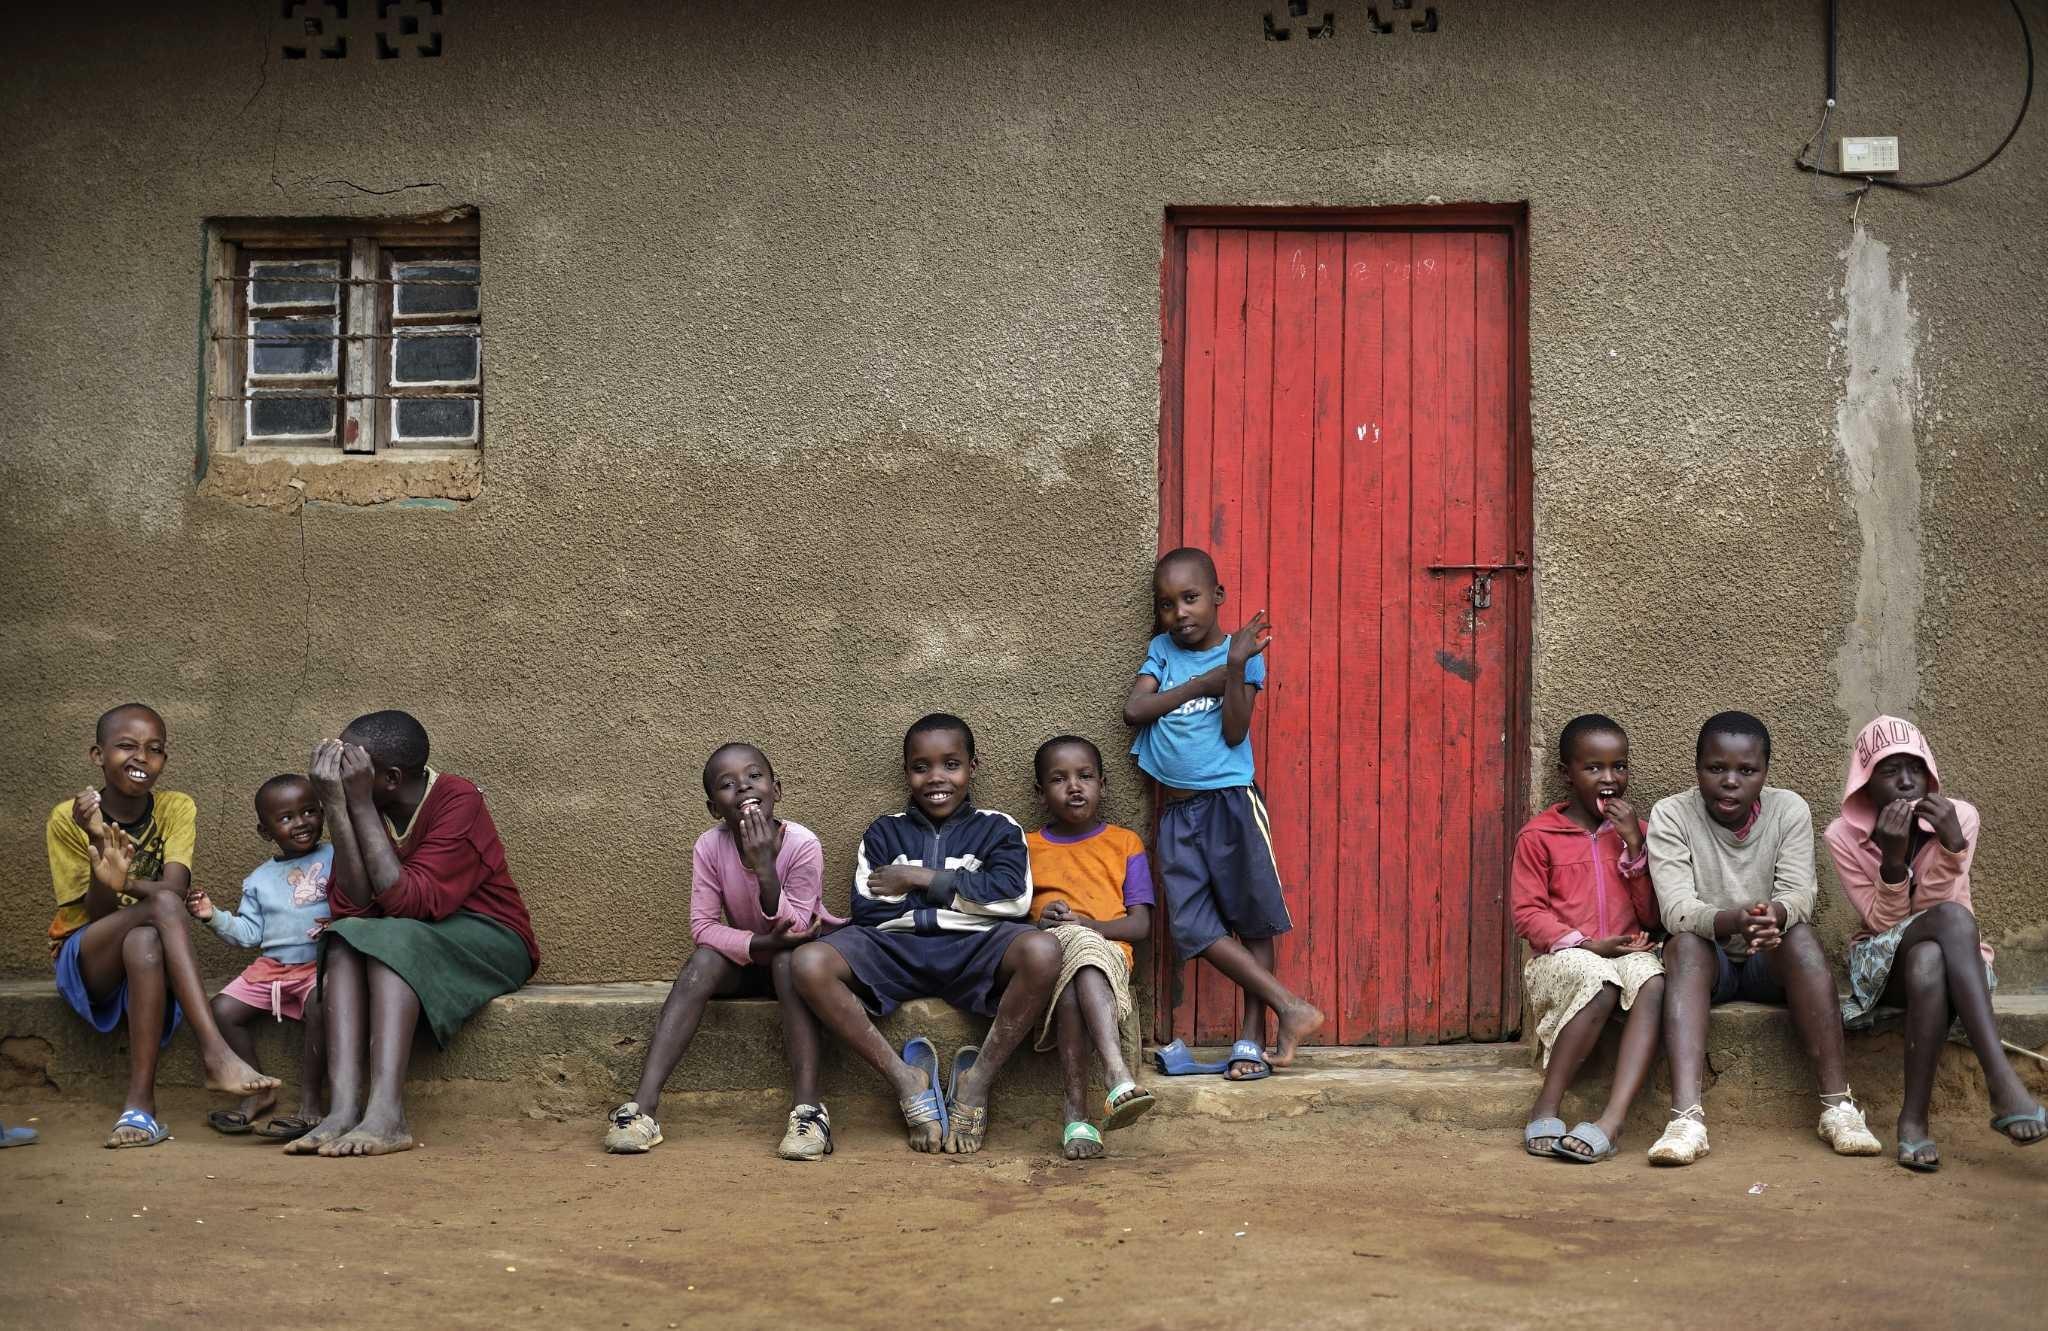 أطفال رواندا يأملون أن تتعافى بلادهم من آثار المجازر (أ ب)